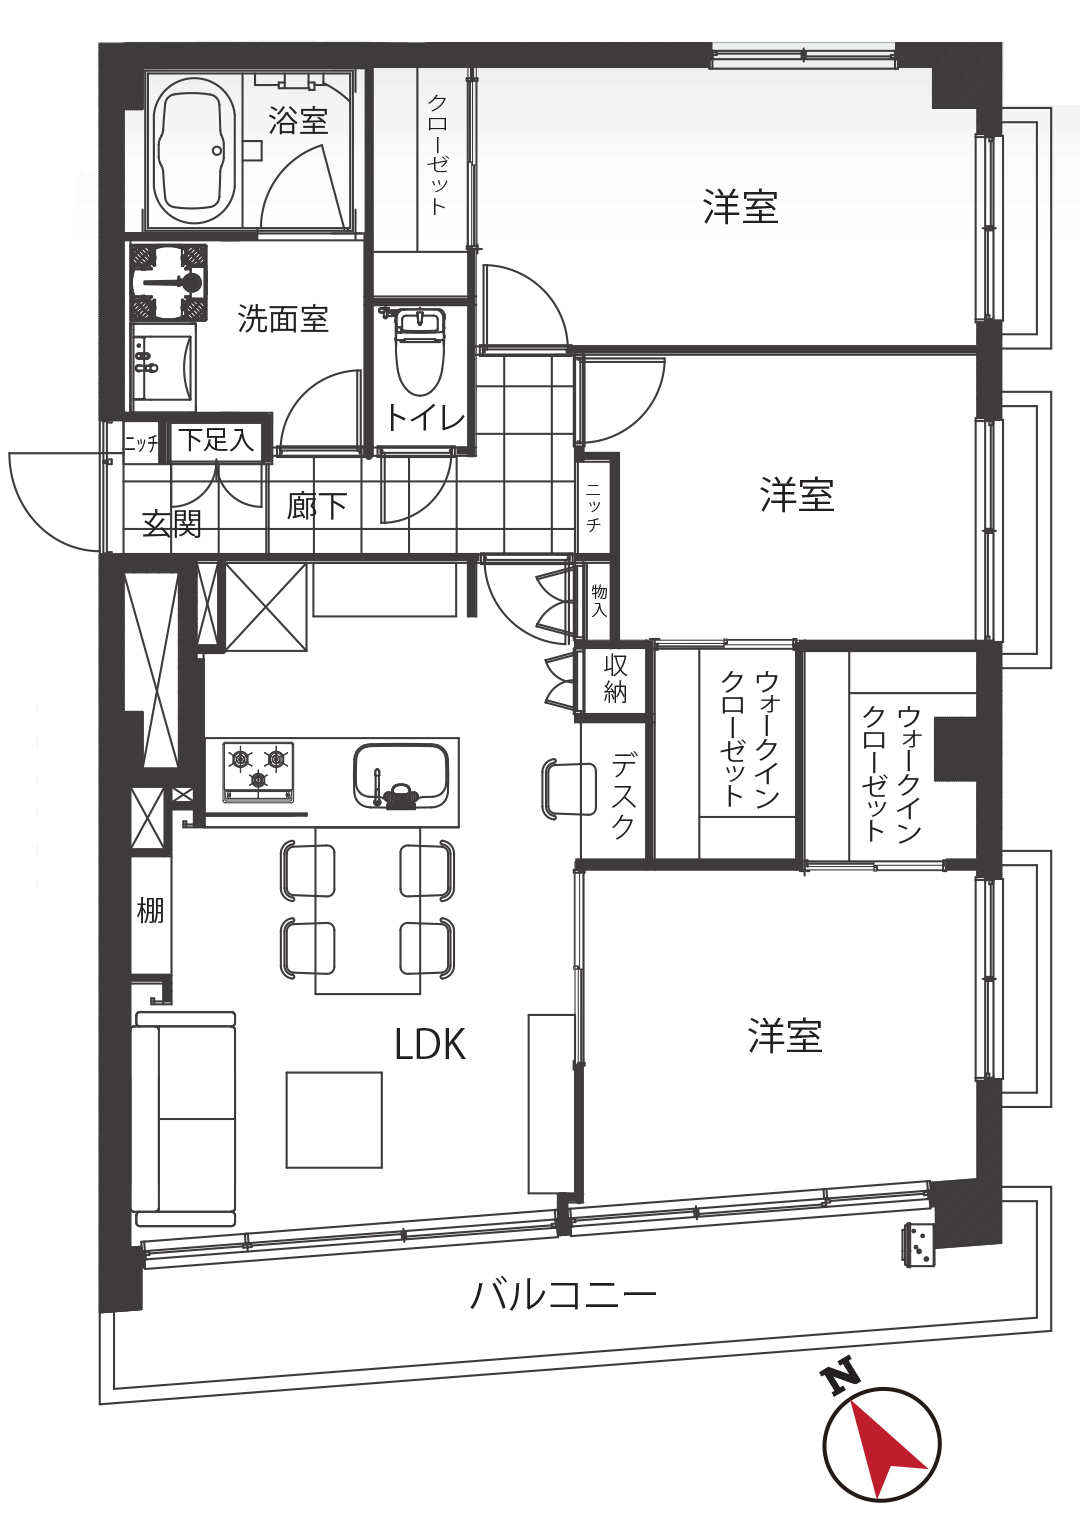 武蔵野サマリヤマンション 南東角部屋で開放感たっぷり